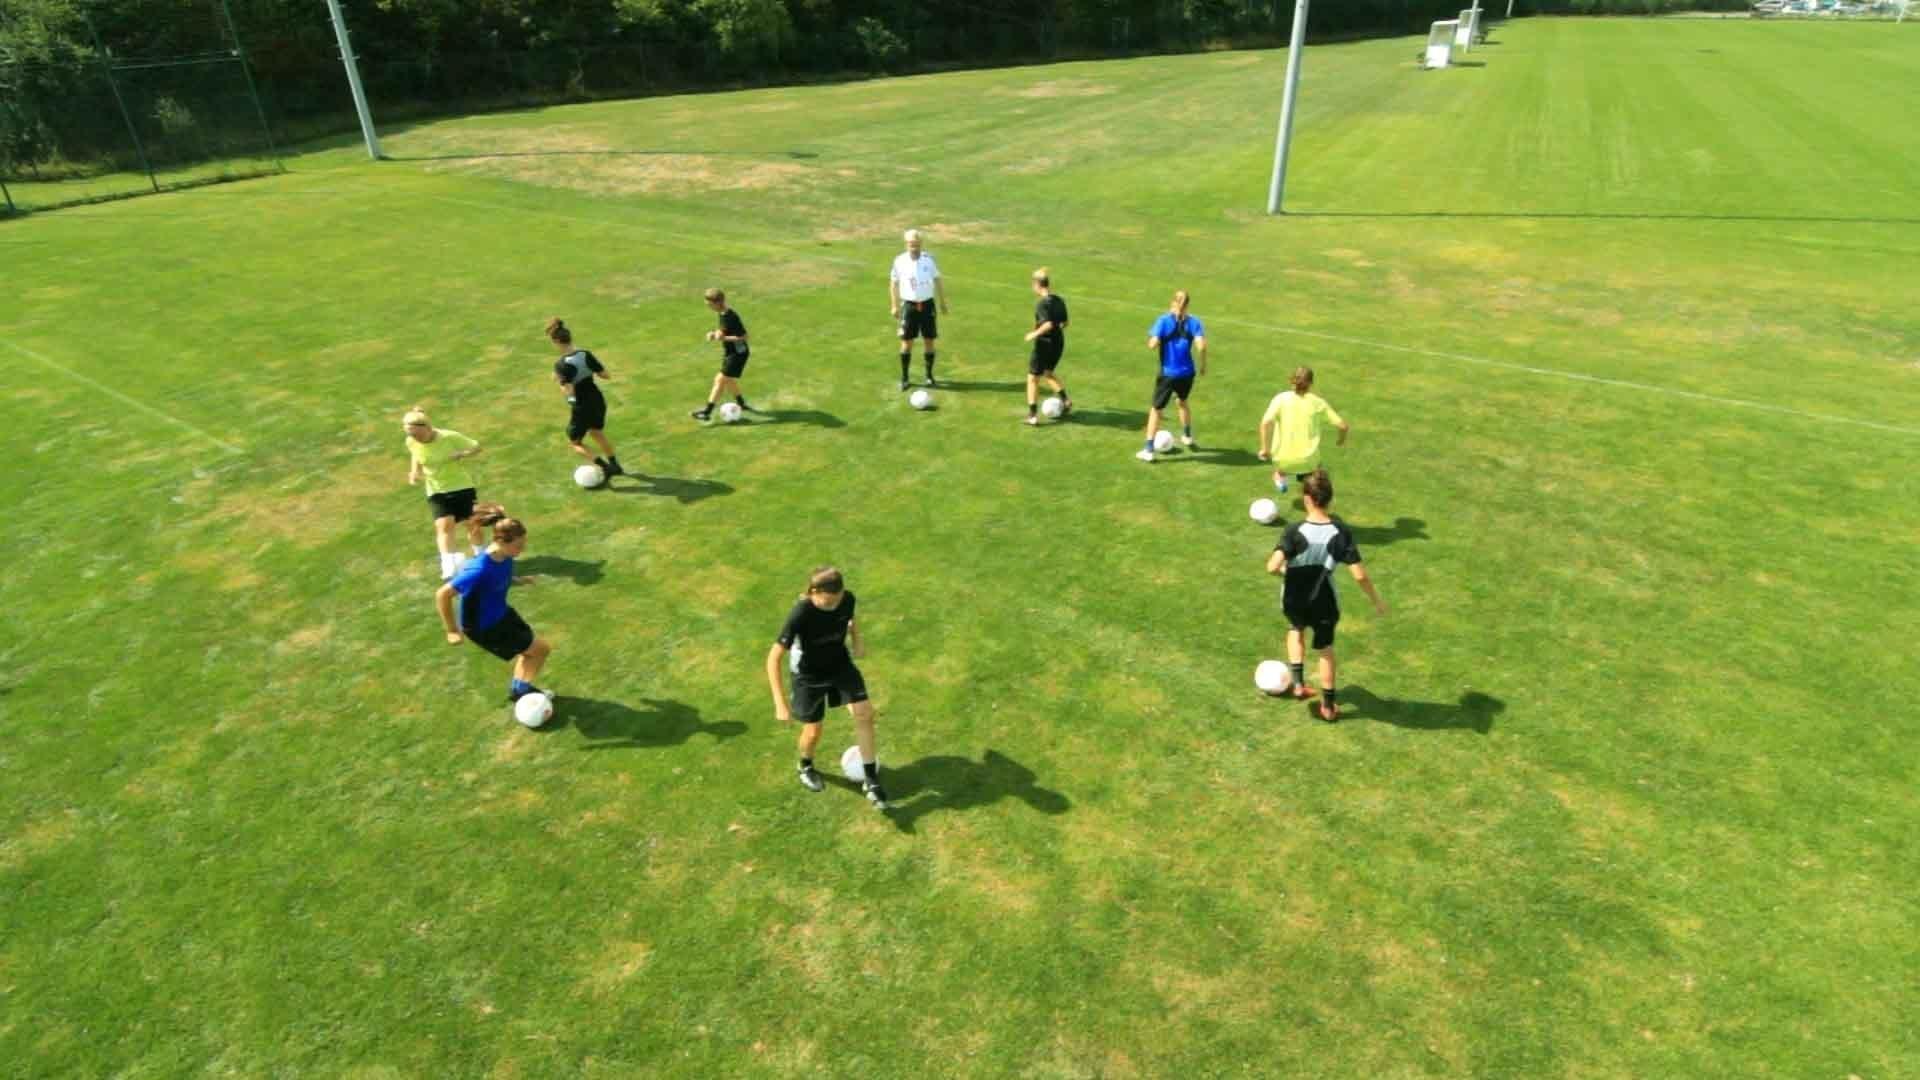 Bewegungsmuster 1 & Fußballtricks: Die Schere